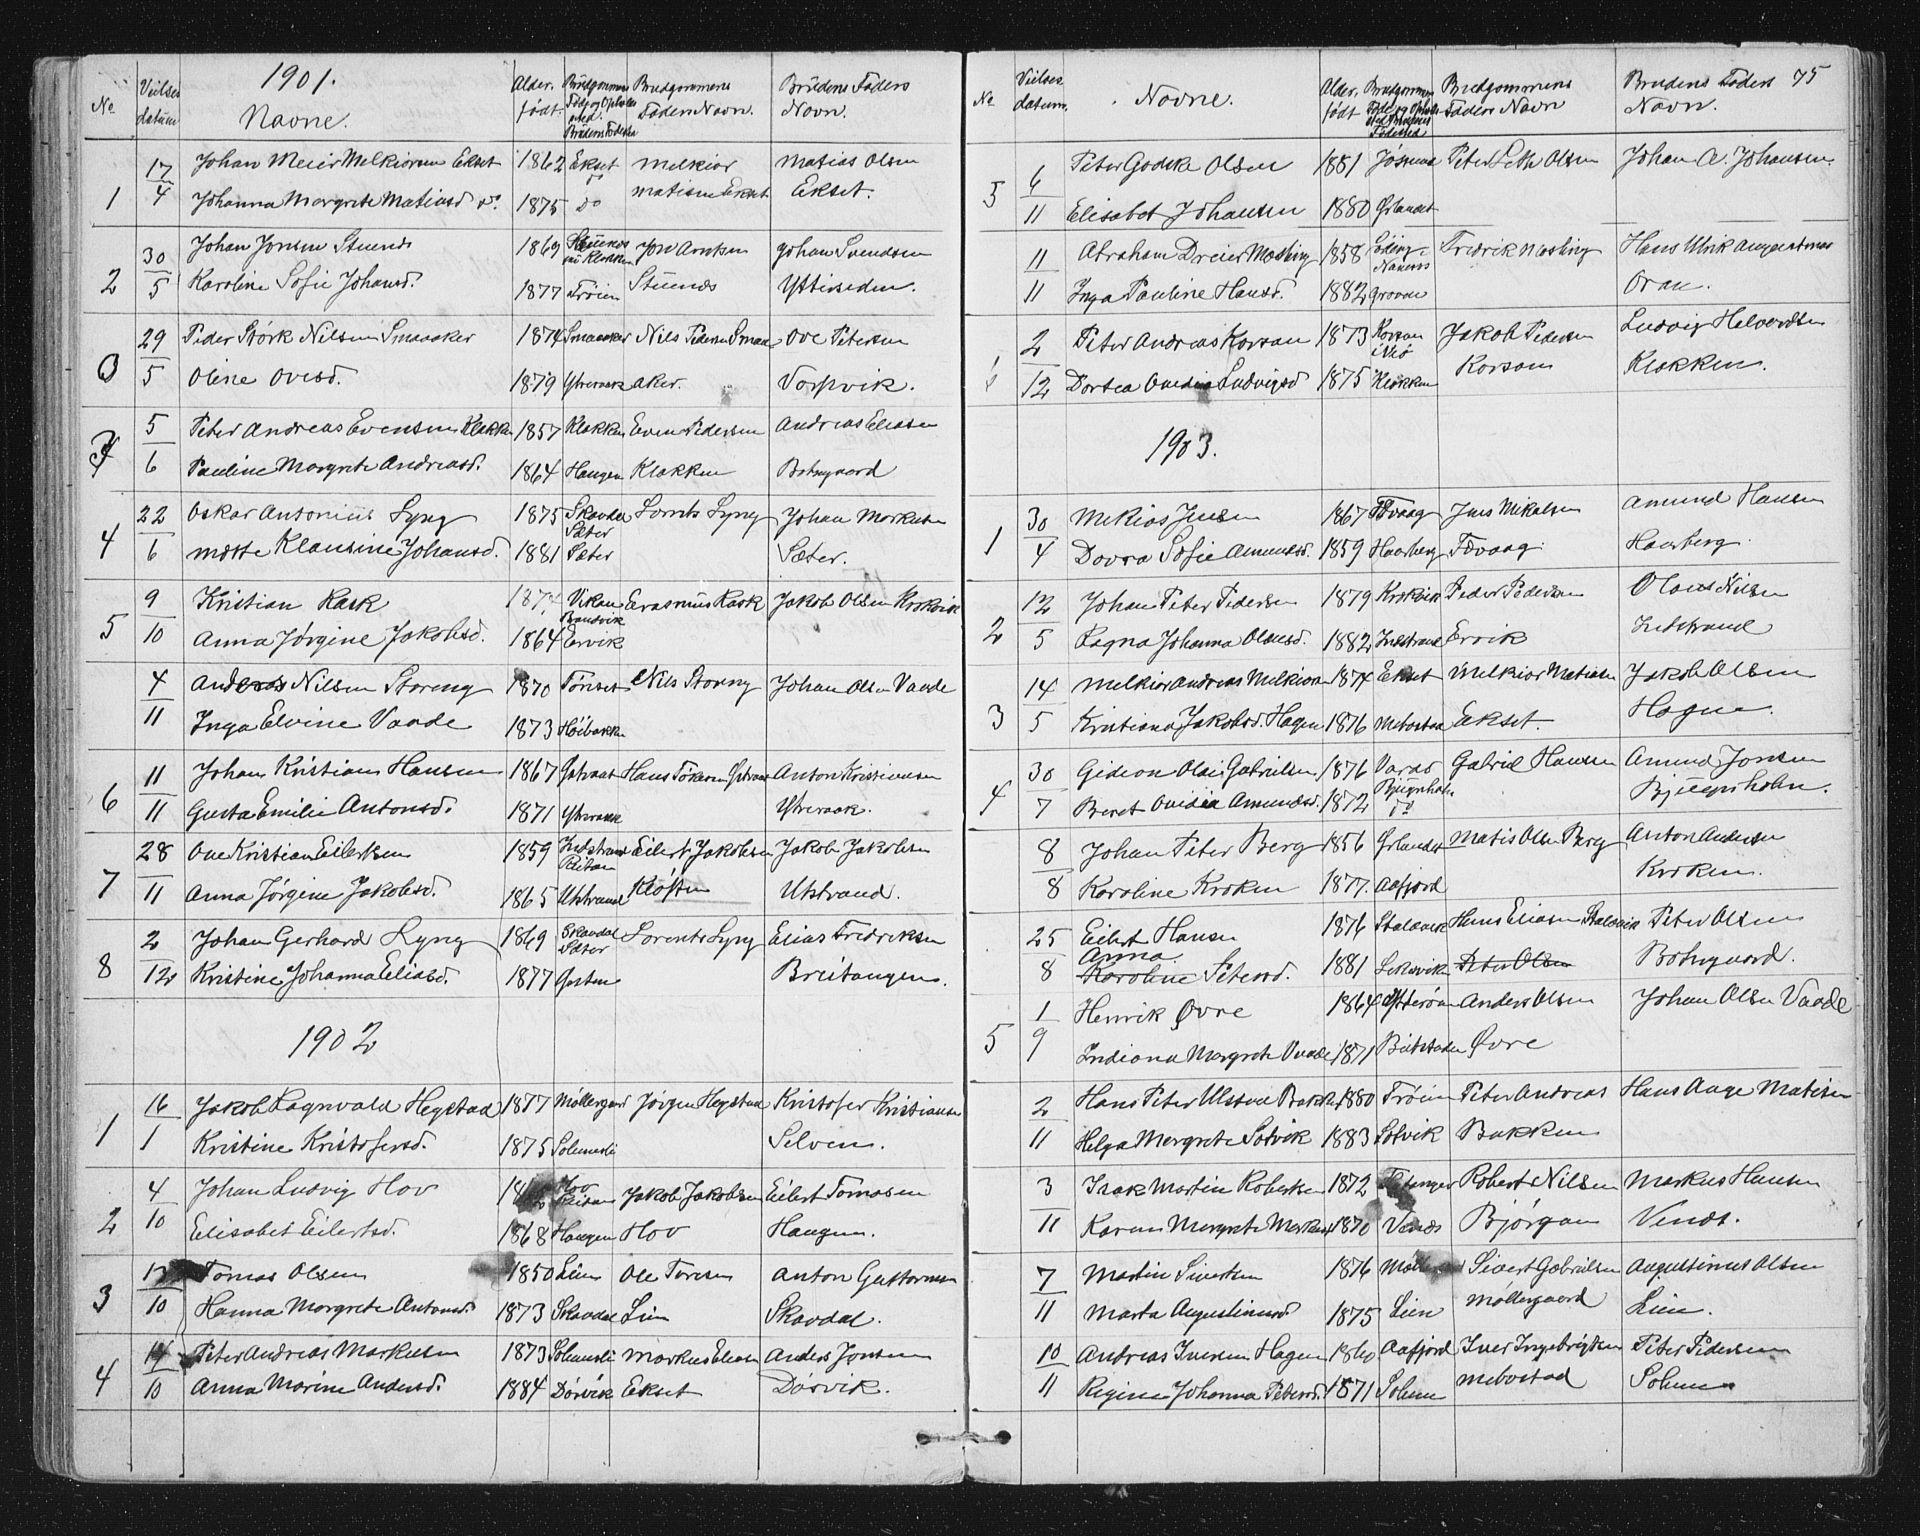 SAT, Ministerialprotokoller, klokkerbøker og fødselsregistre - Sør-Trøndelag, 651/L0647: Klokkerbok nr. 651C01, 1866-1914, s. 75